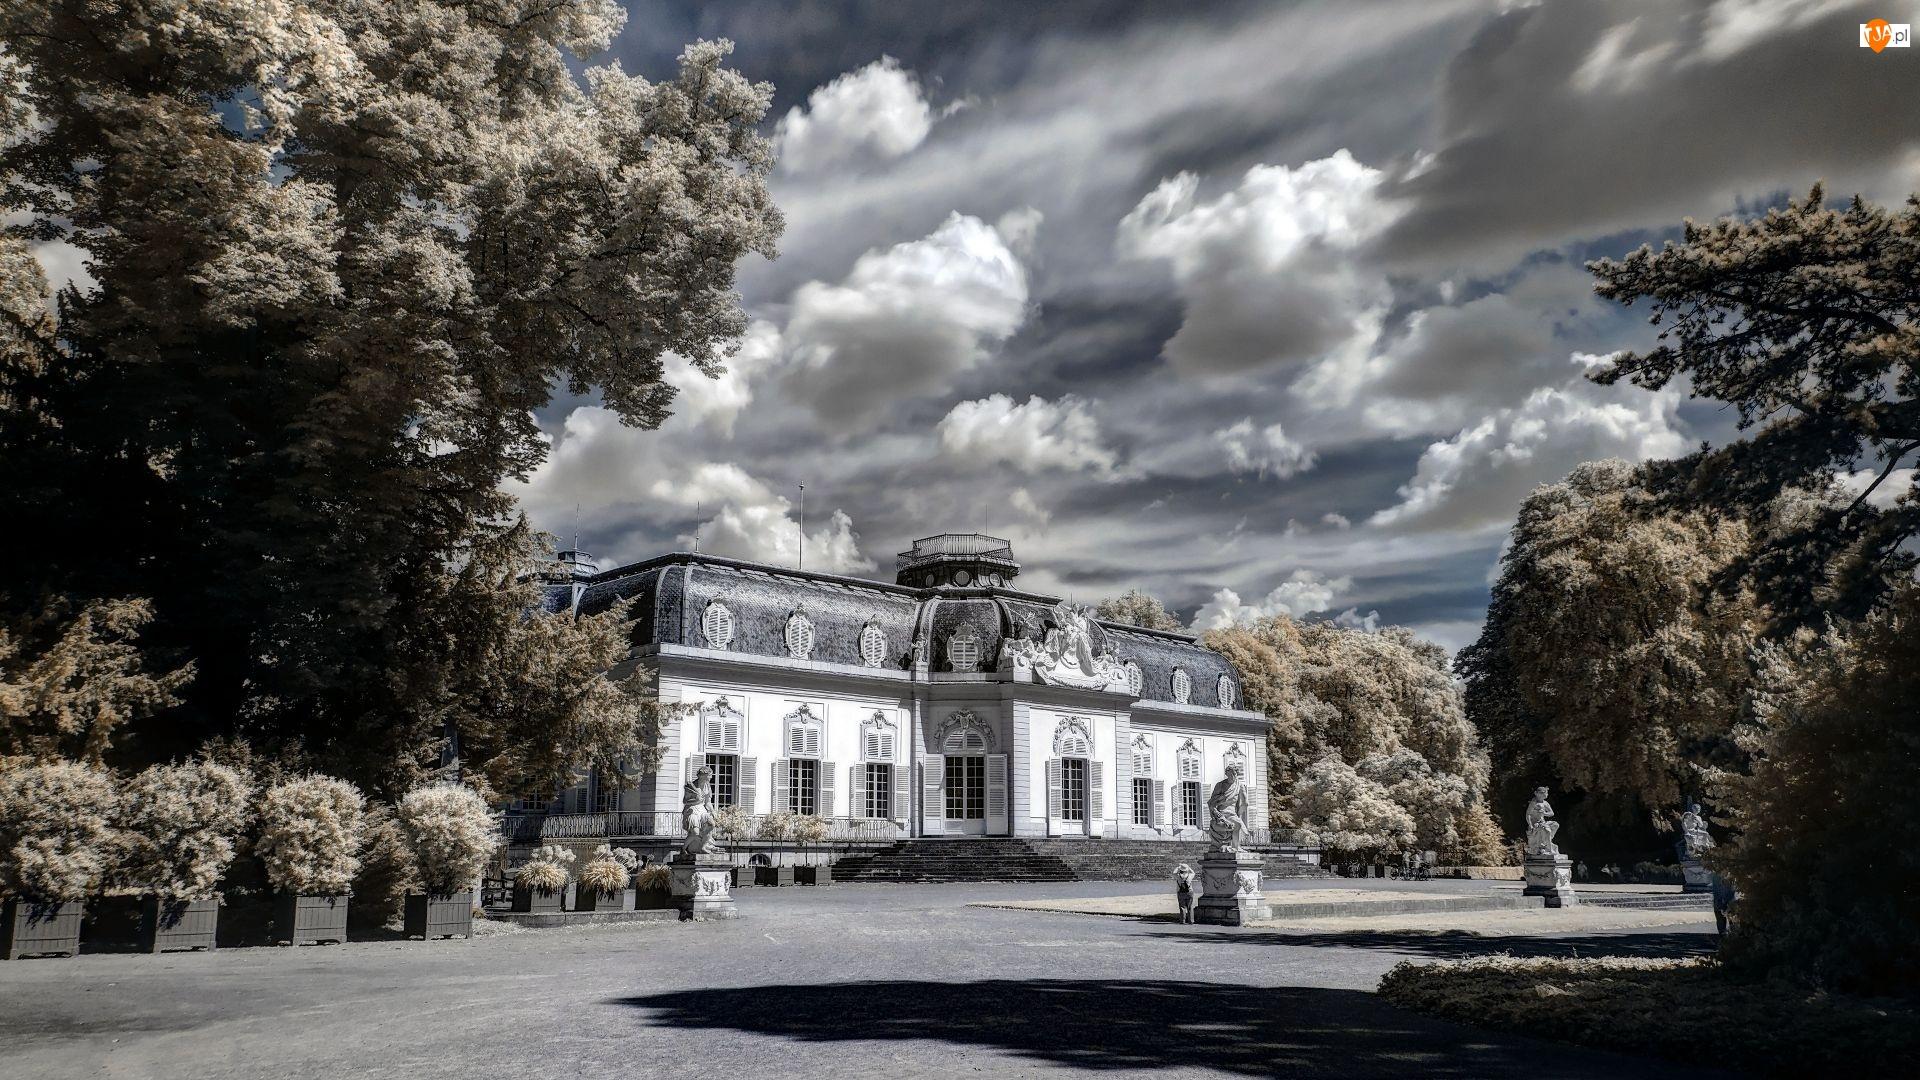 Park, Czarno-Białe, Zamek, Sepia, Posągi, Drzewa